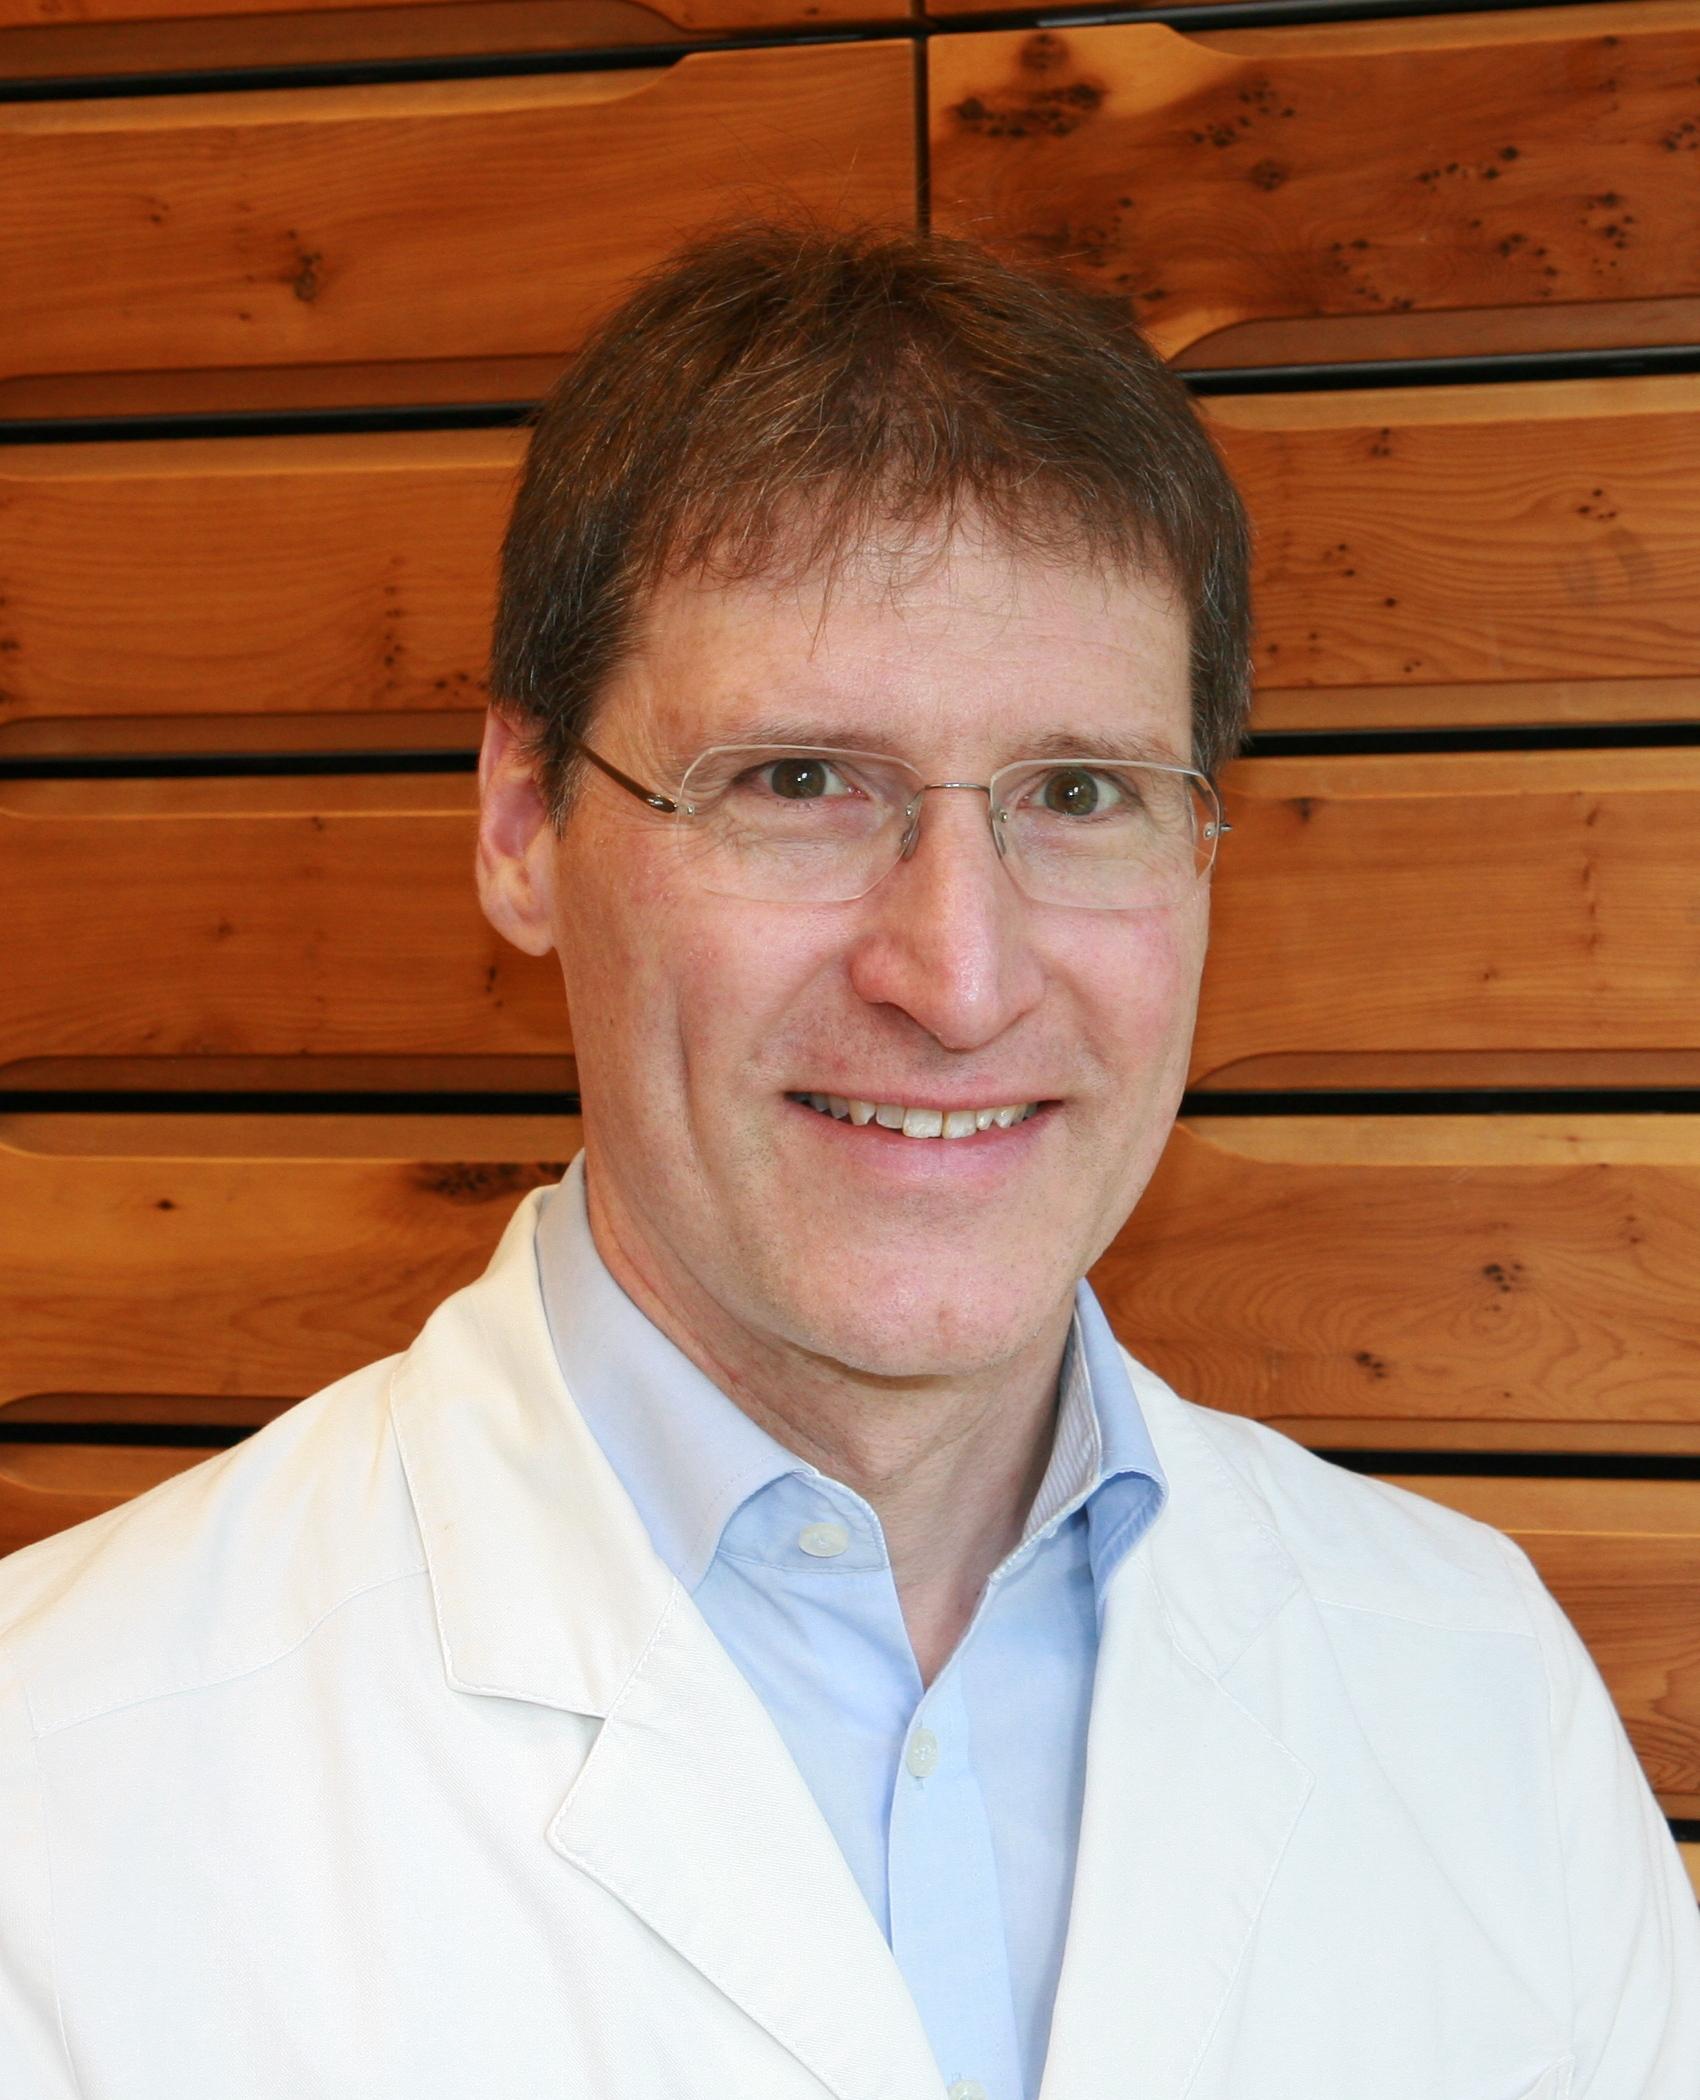 Dr. Richard Söll